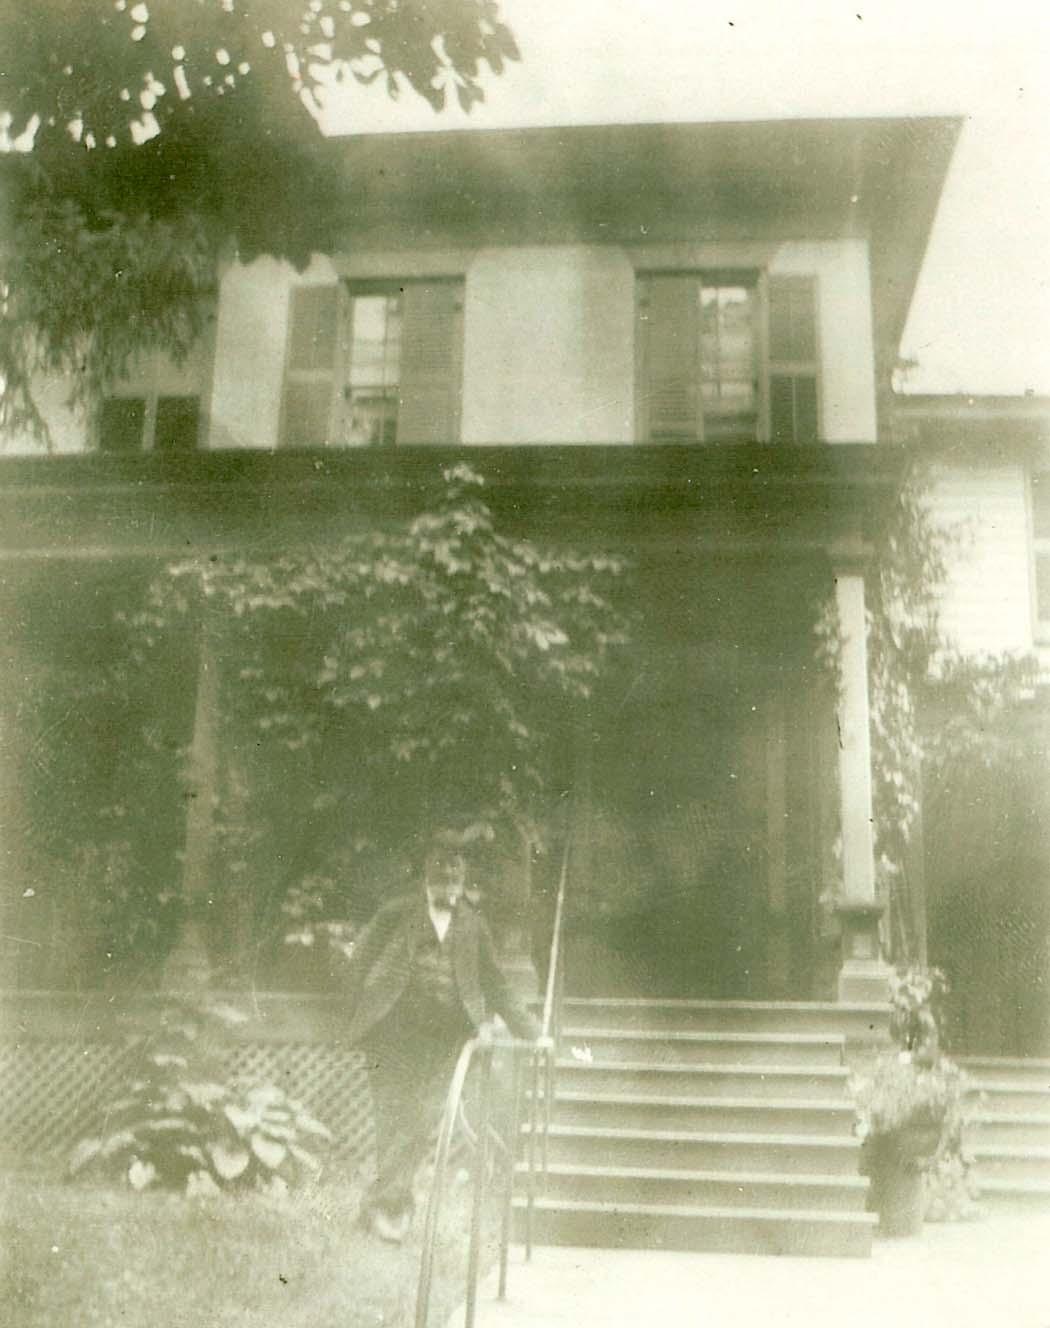 c. 1901 Courtesy of Anita Whitehead